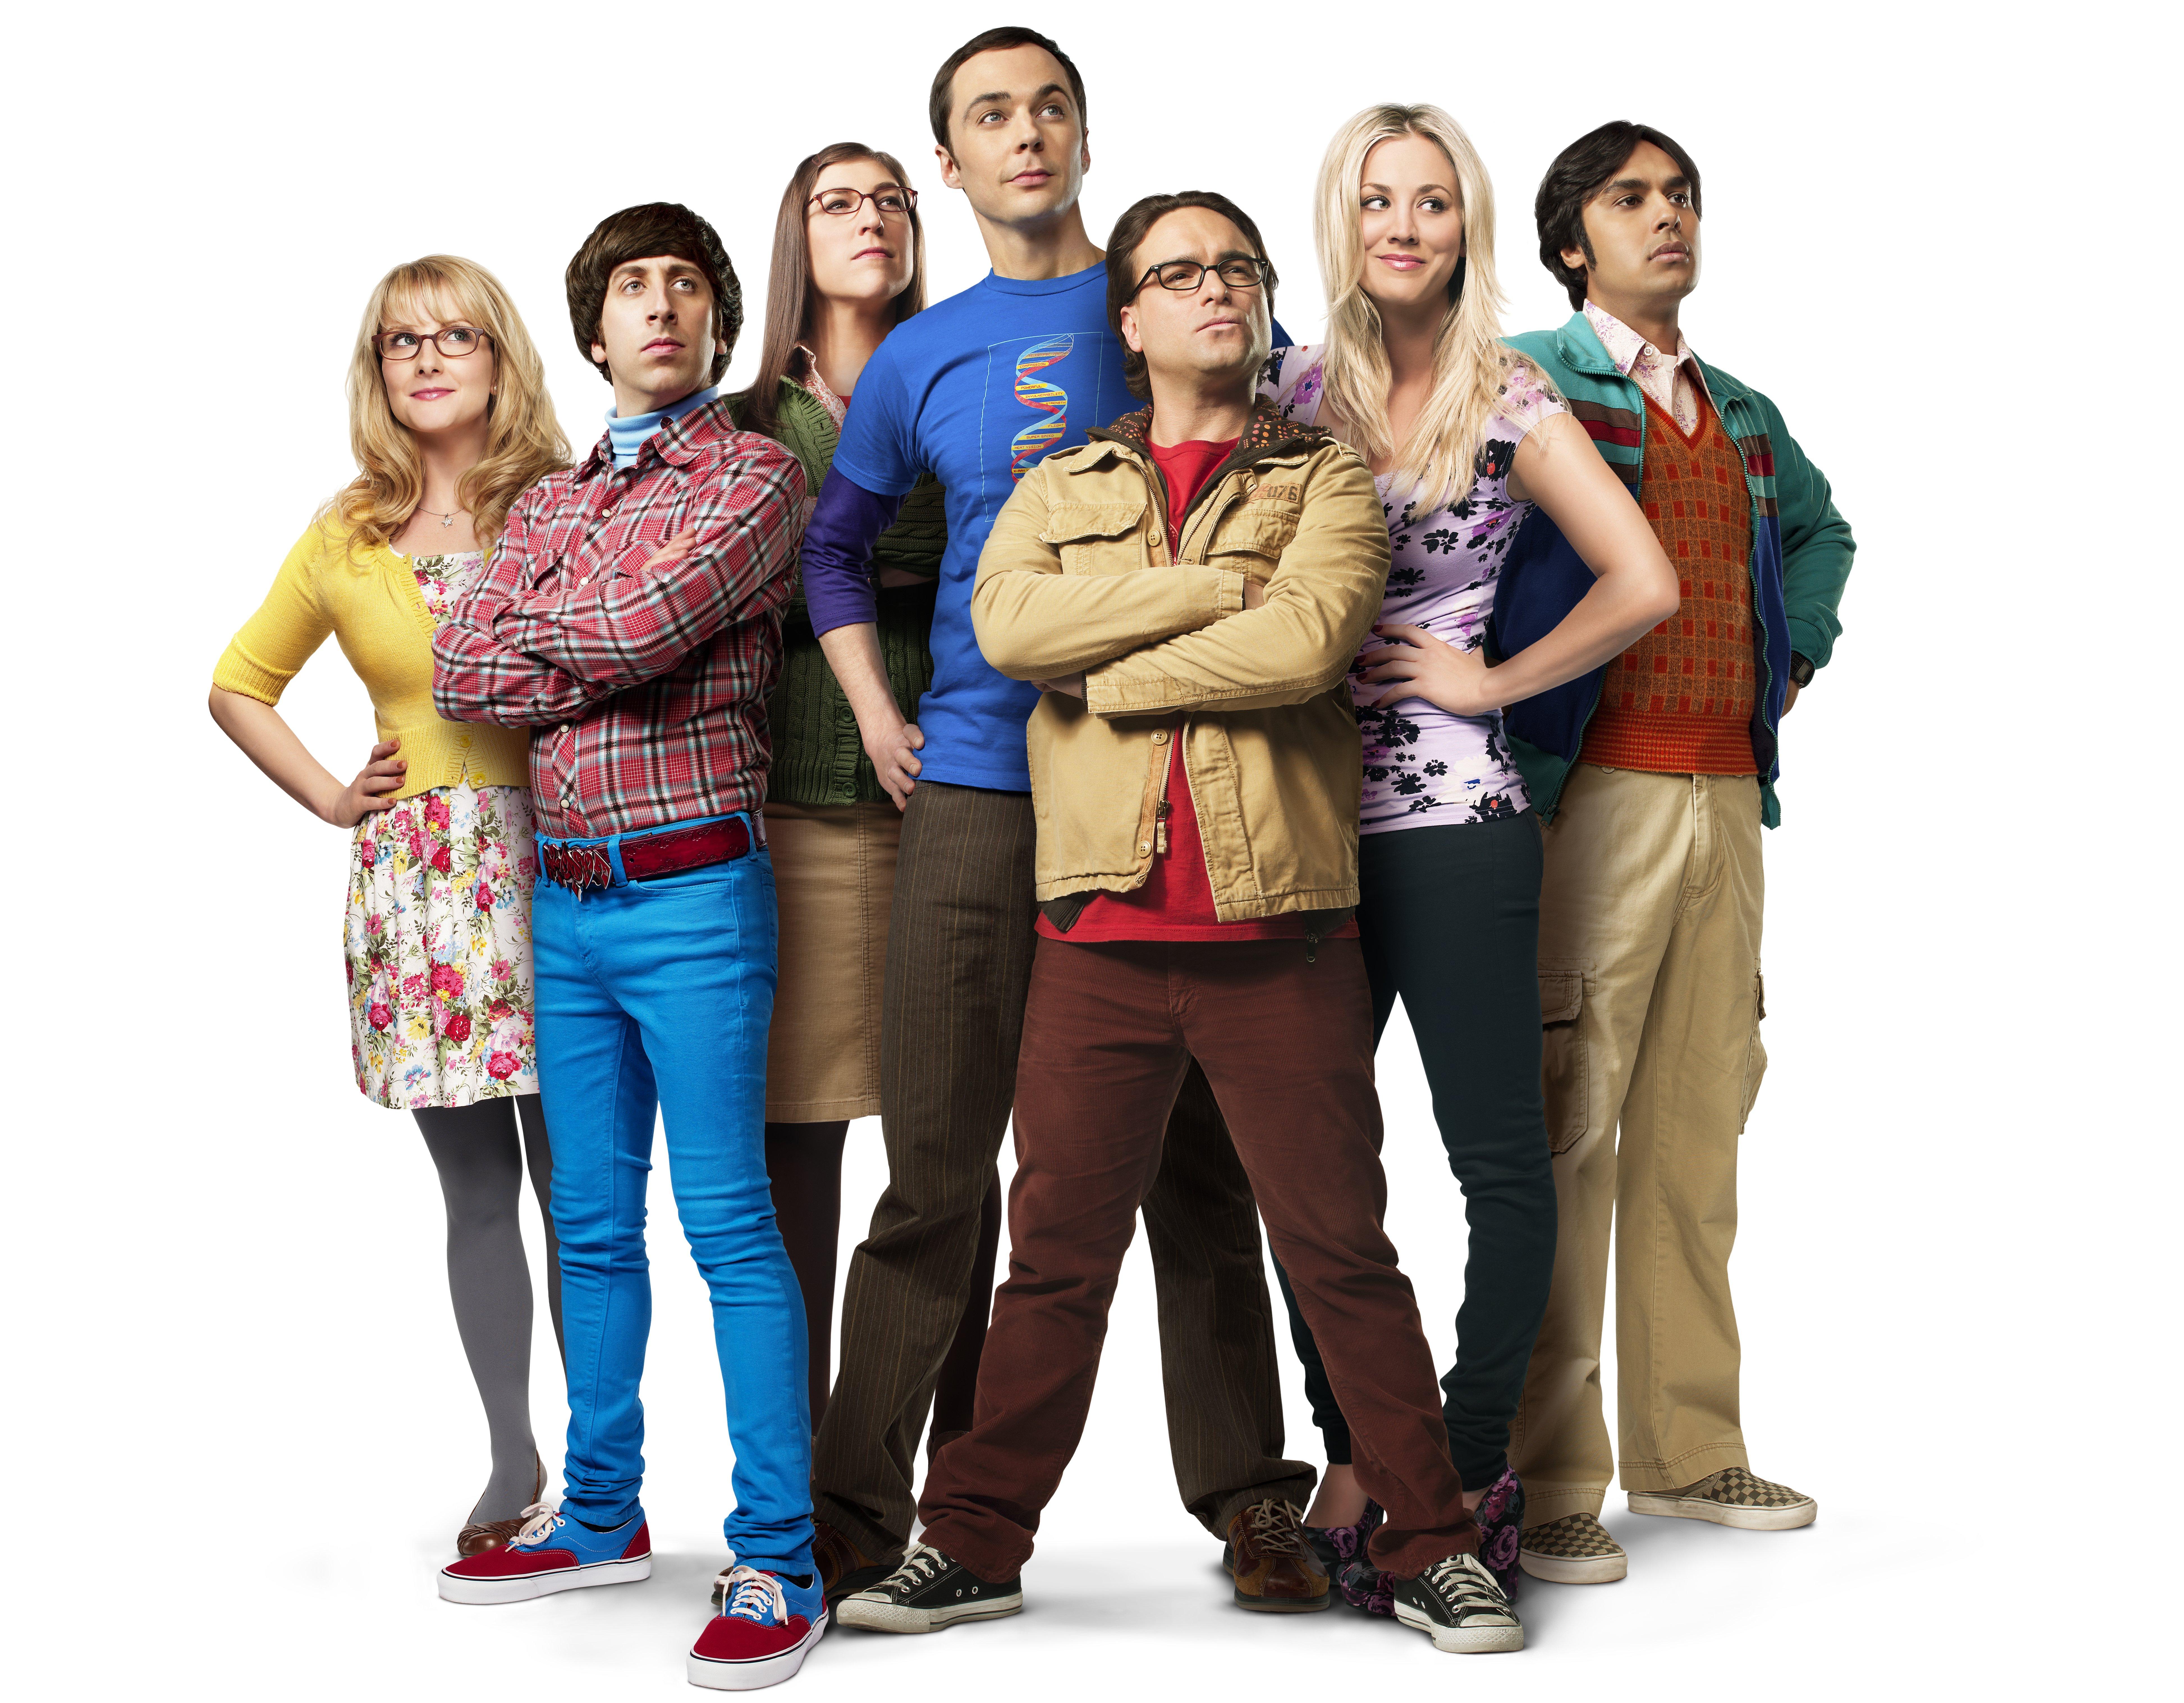 the big bang theory wallpaper  The Big Bang Theory wallpaper 10